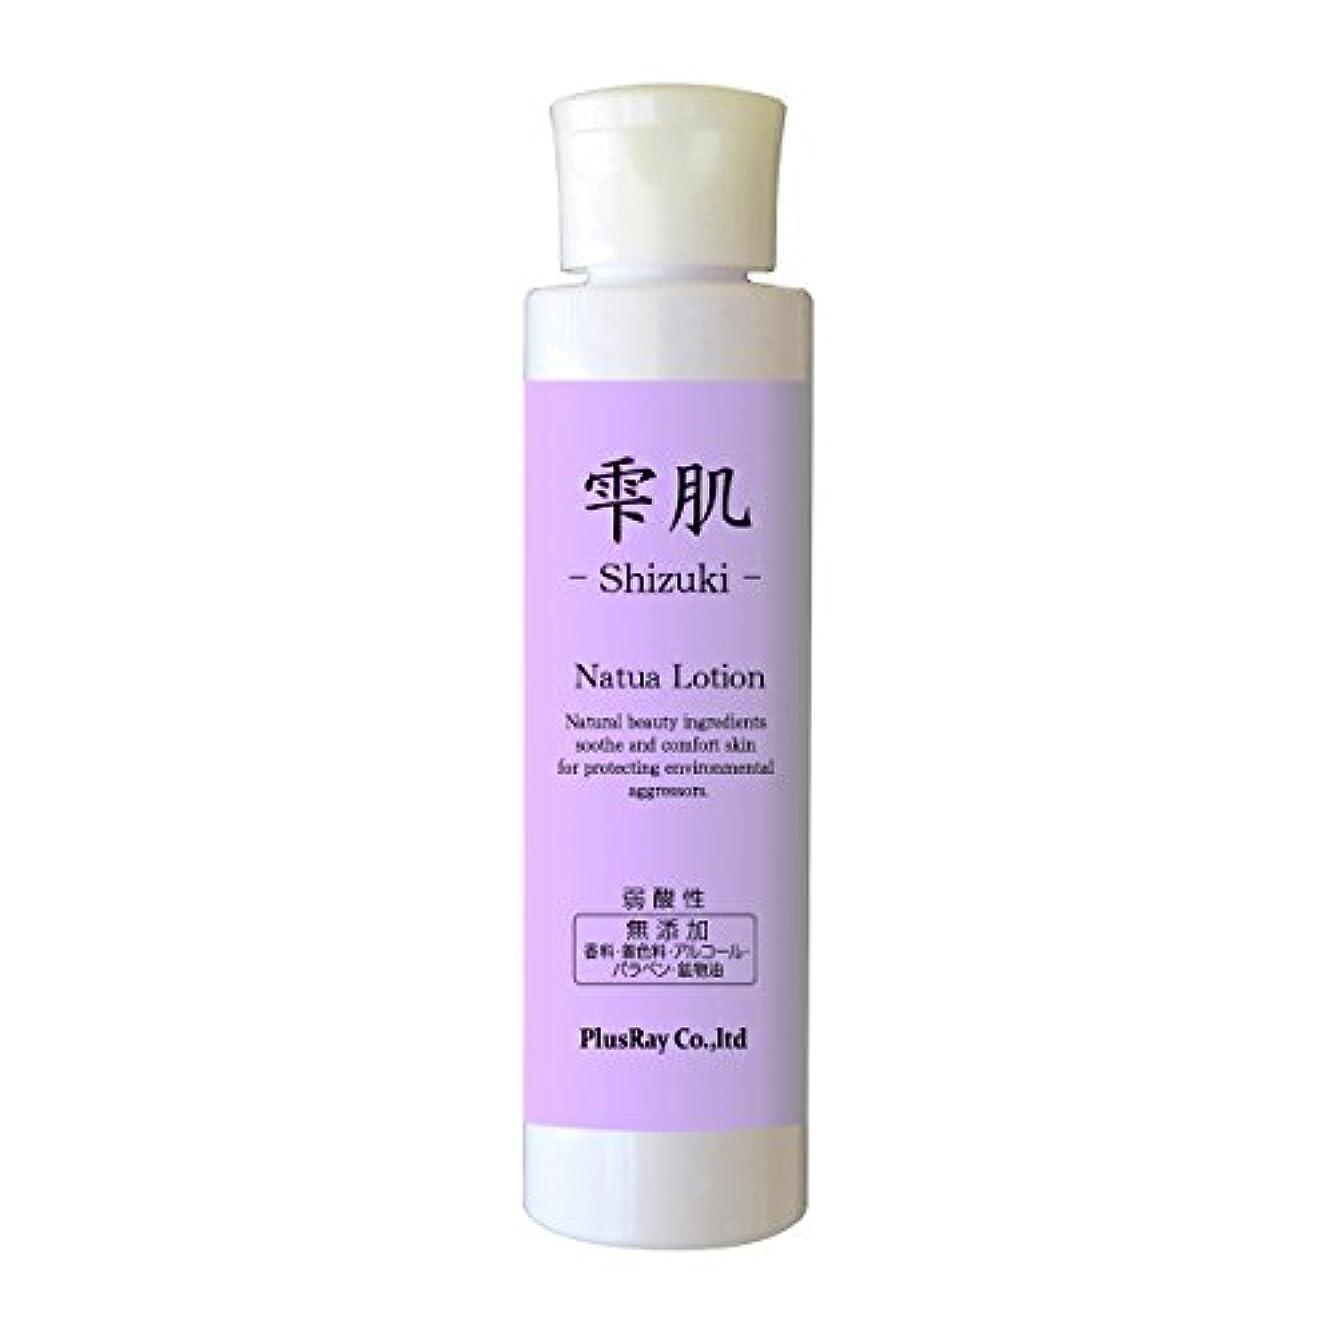 控えめなツール脆いプラスレイ(PlusRay)化粧品 ナチュアローション 雫肌 しづき アズレン 化粧水